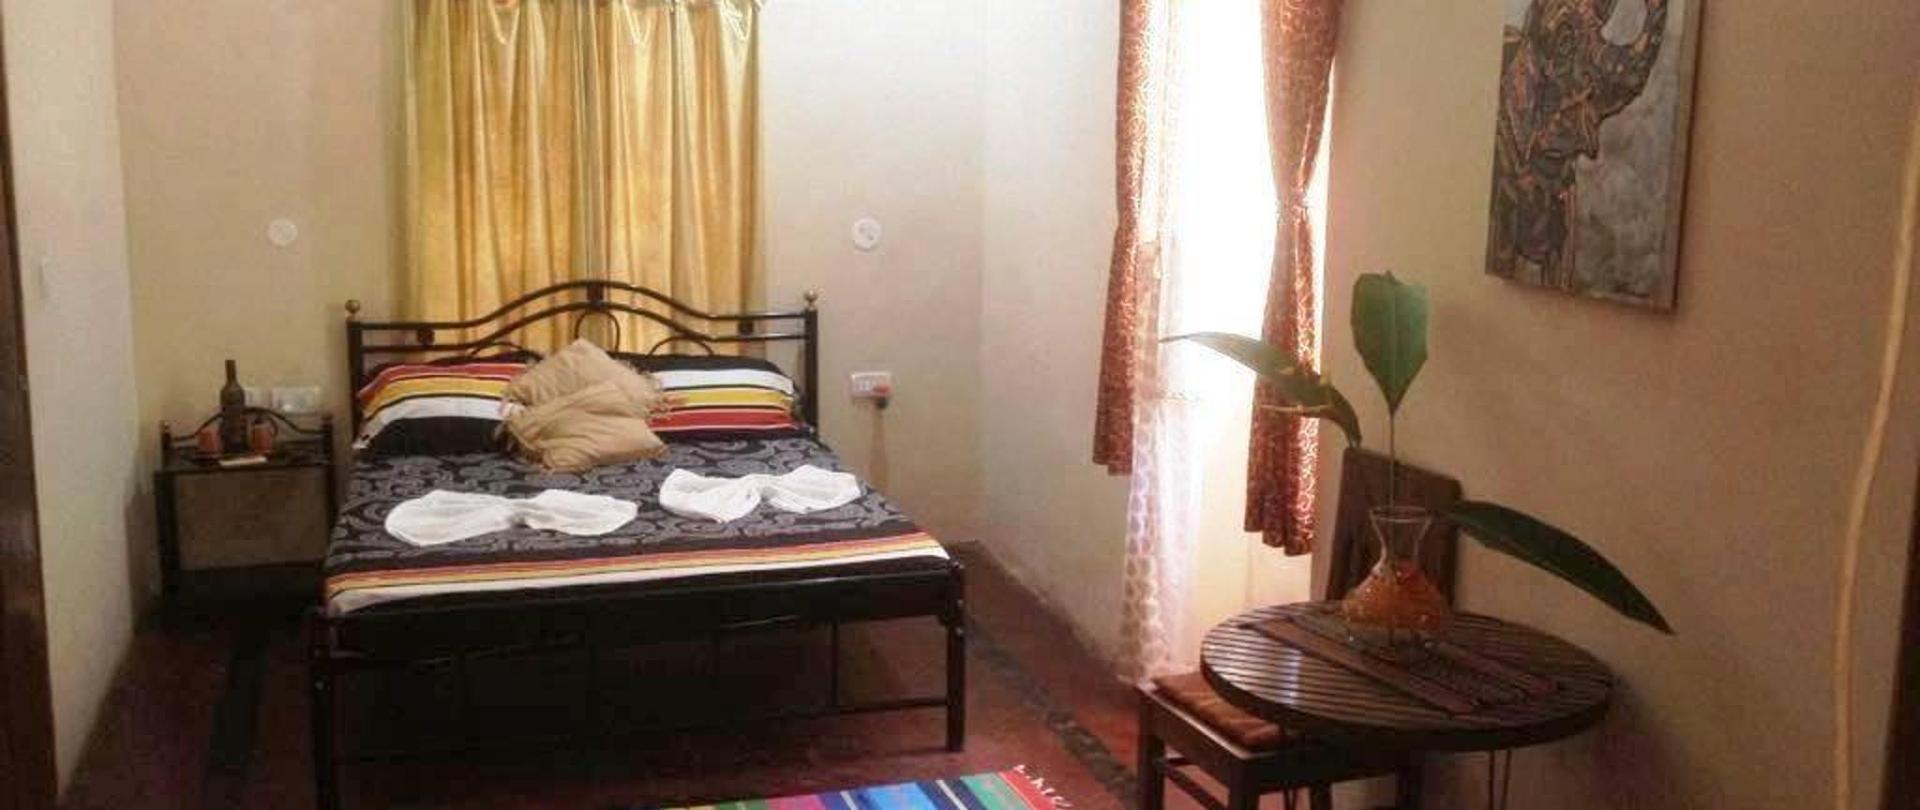 bedroom3-g.jpg